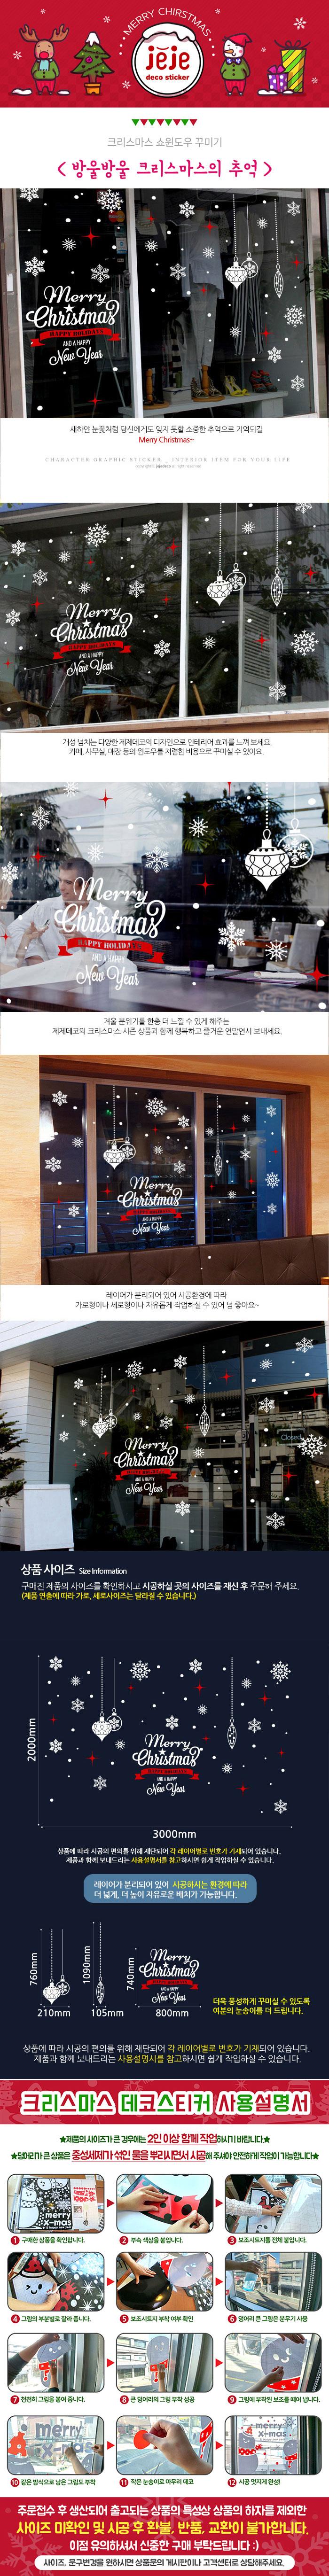 크리스마스 시트지 눈꽃 스티커 19CMJS5043 - 제제데코, 42,000원, 월데코스티커, 계절/시즌